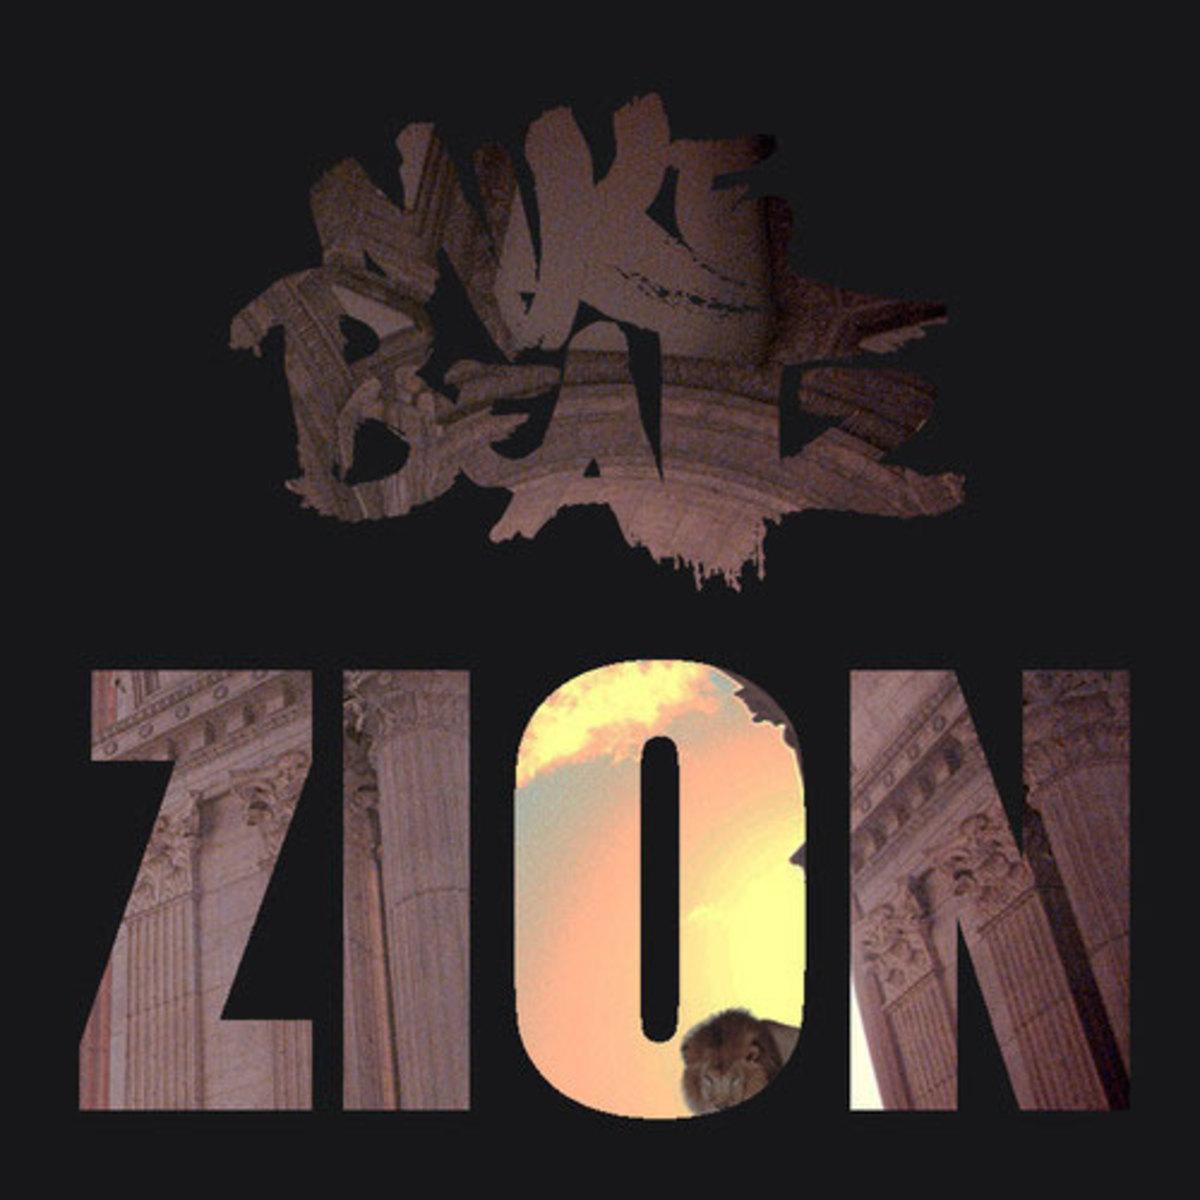 mikebeatz-zion.jpg